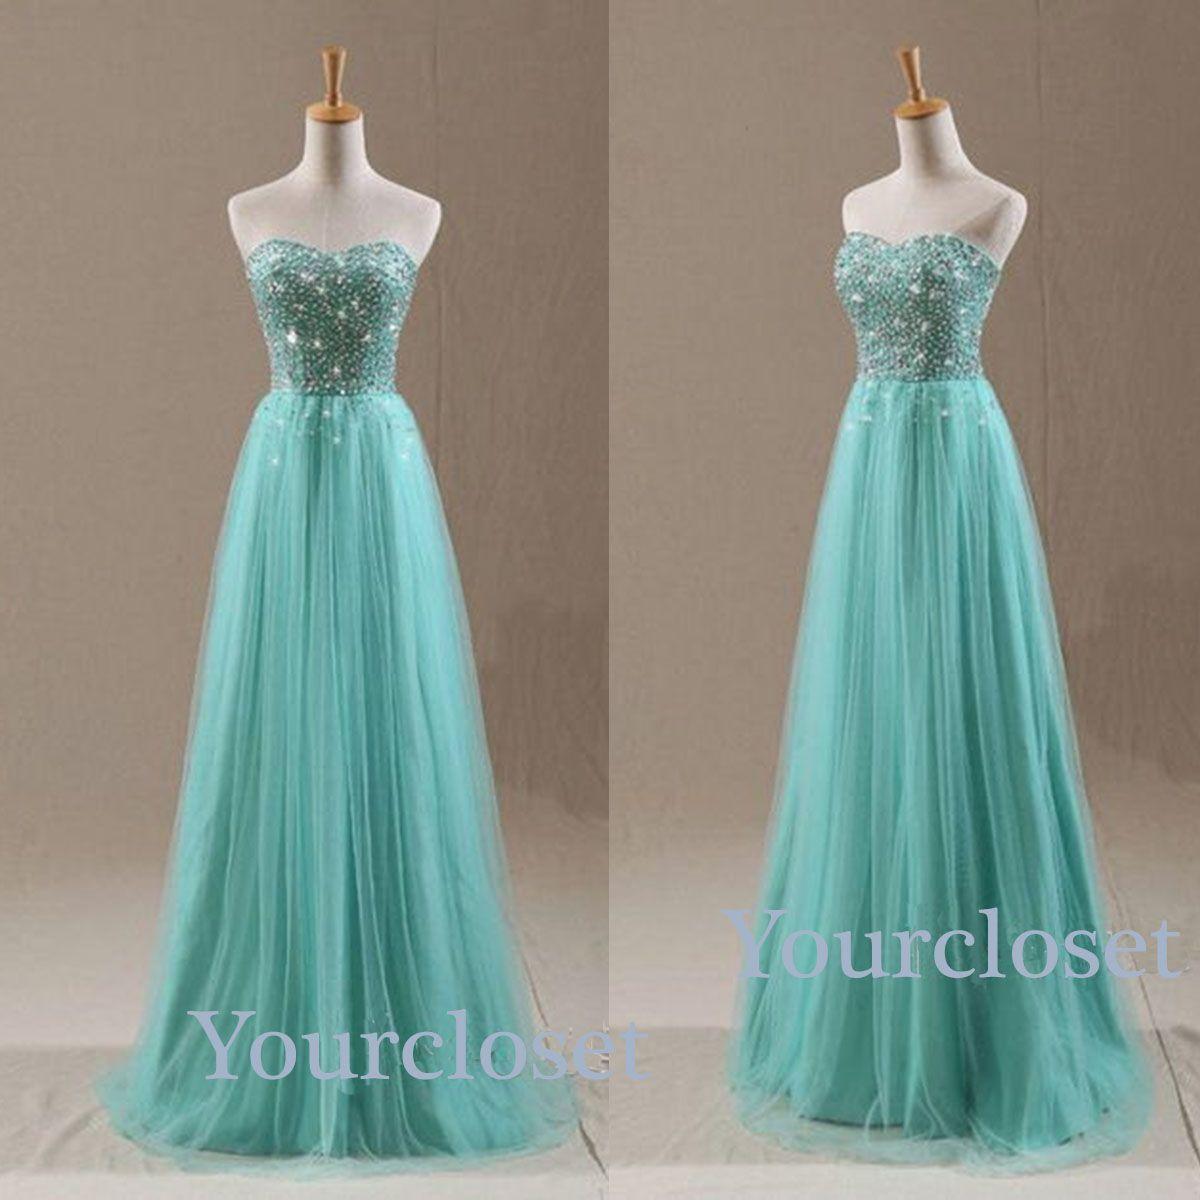 homecoming dress homecoming dresses | Dresses | Pinterest | Dress ...